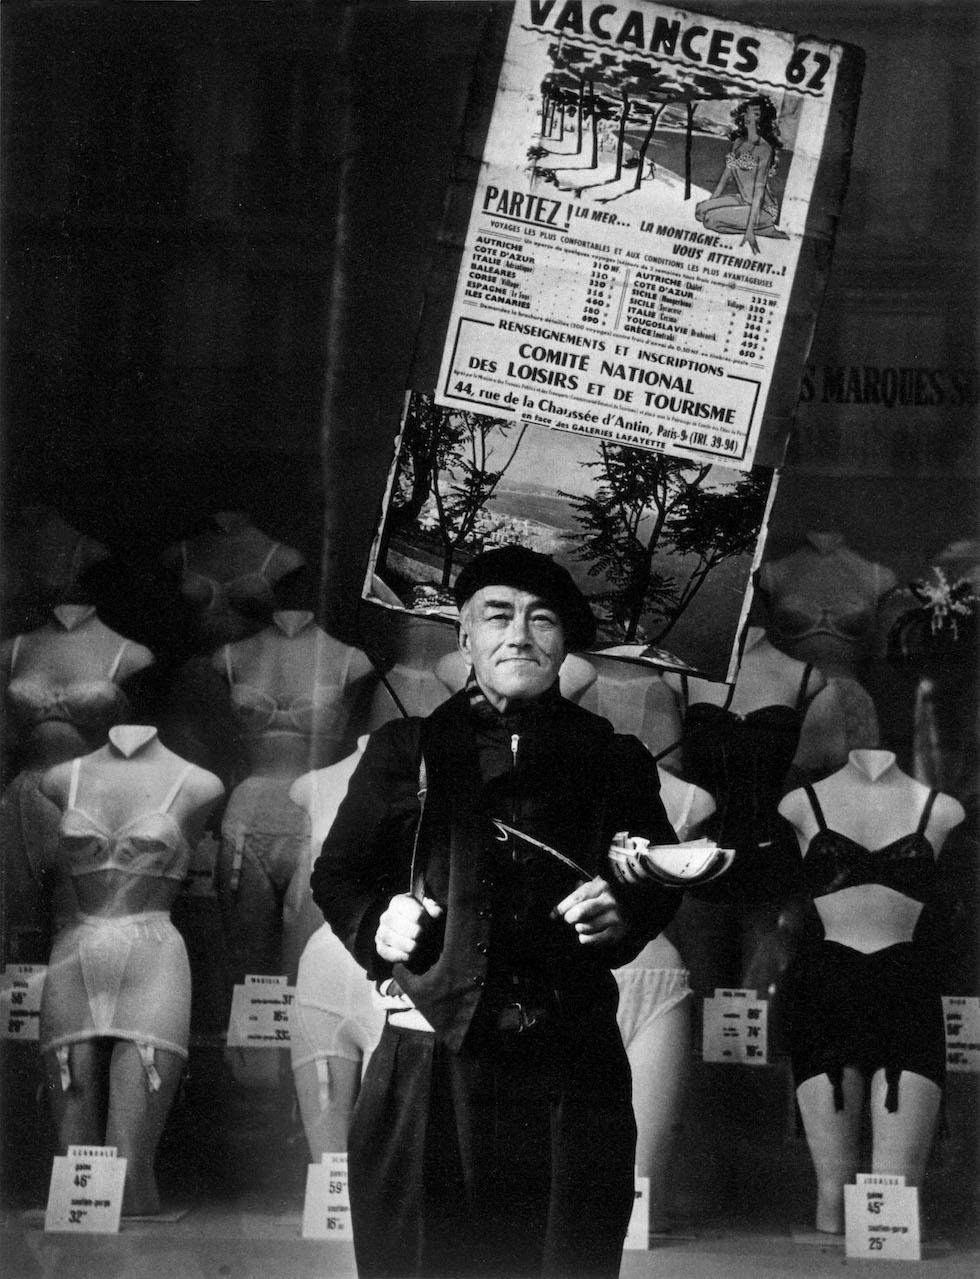 Gerardo Vielba. Hombre anuncio. París, 1962 © Archivo familia Vielba